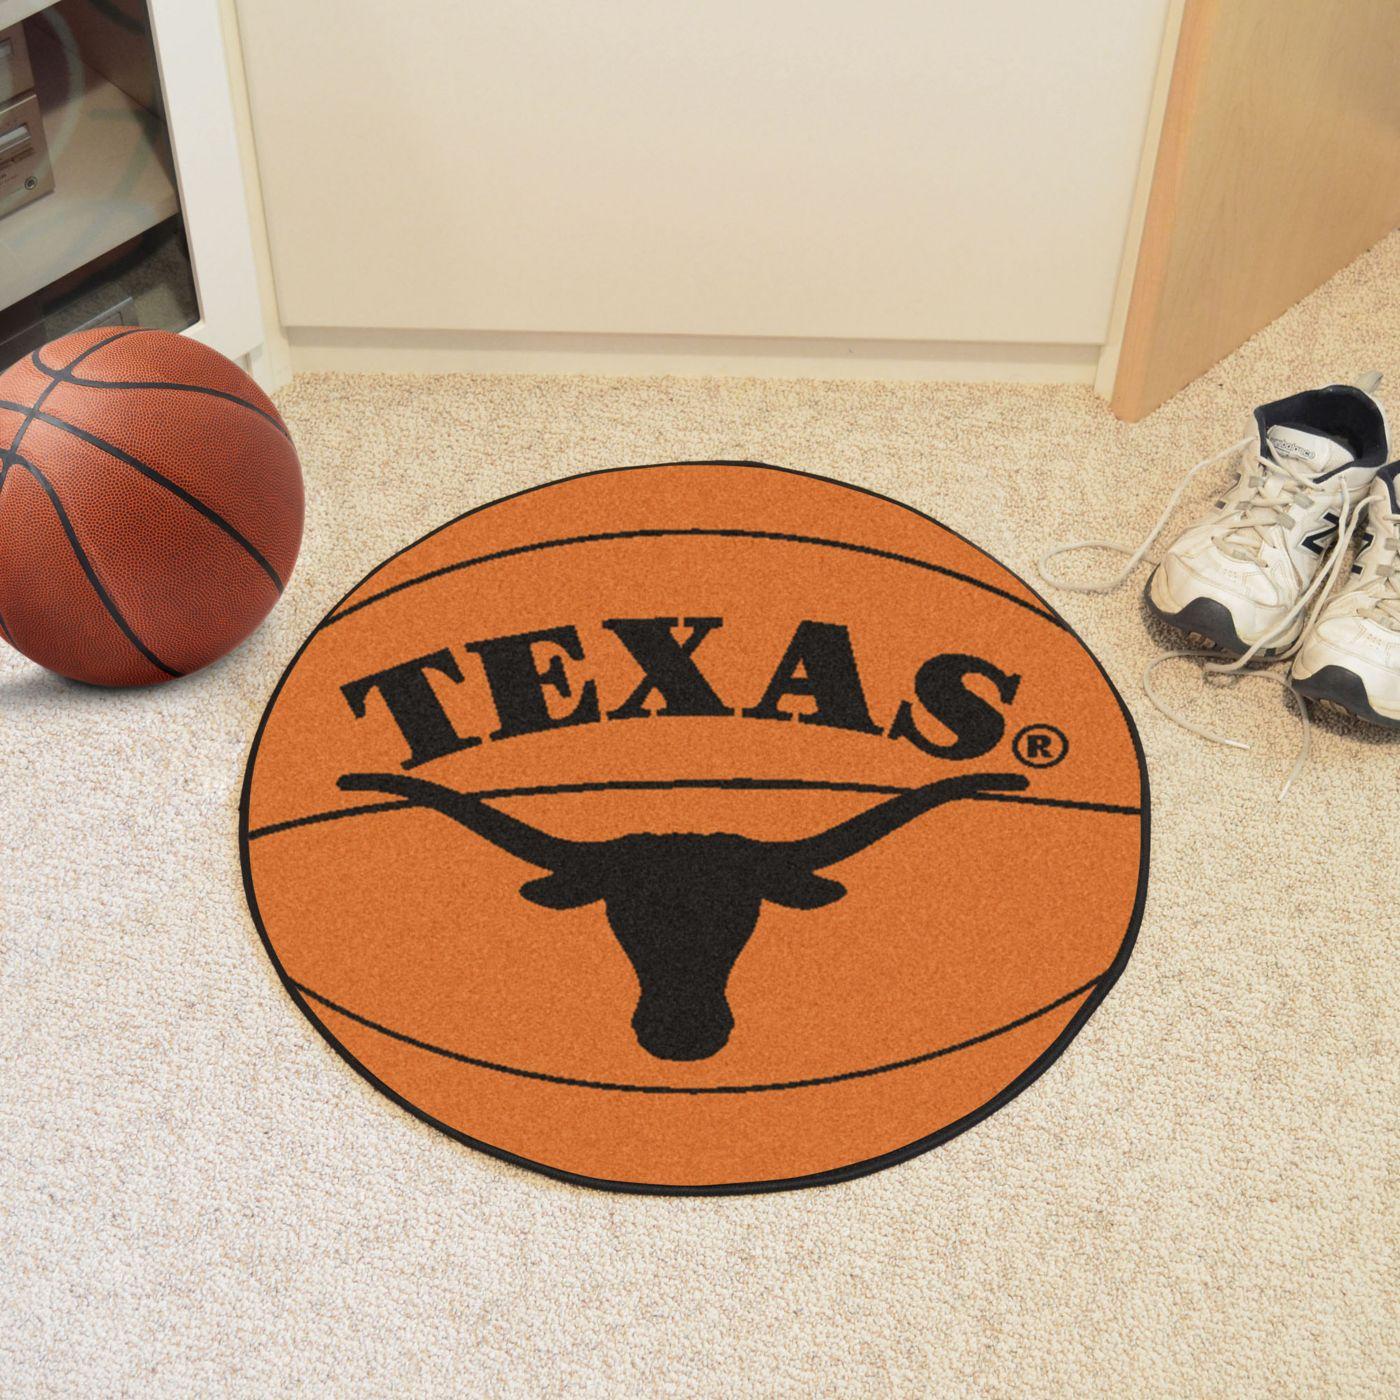 FANMATS Texas Longhorns Basketball Mat